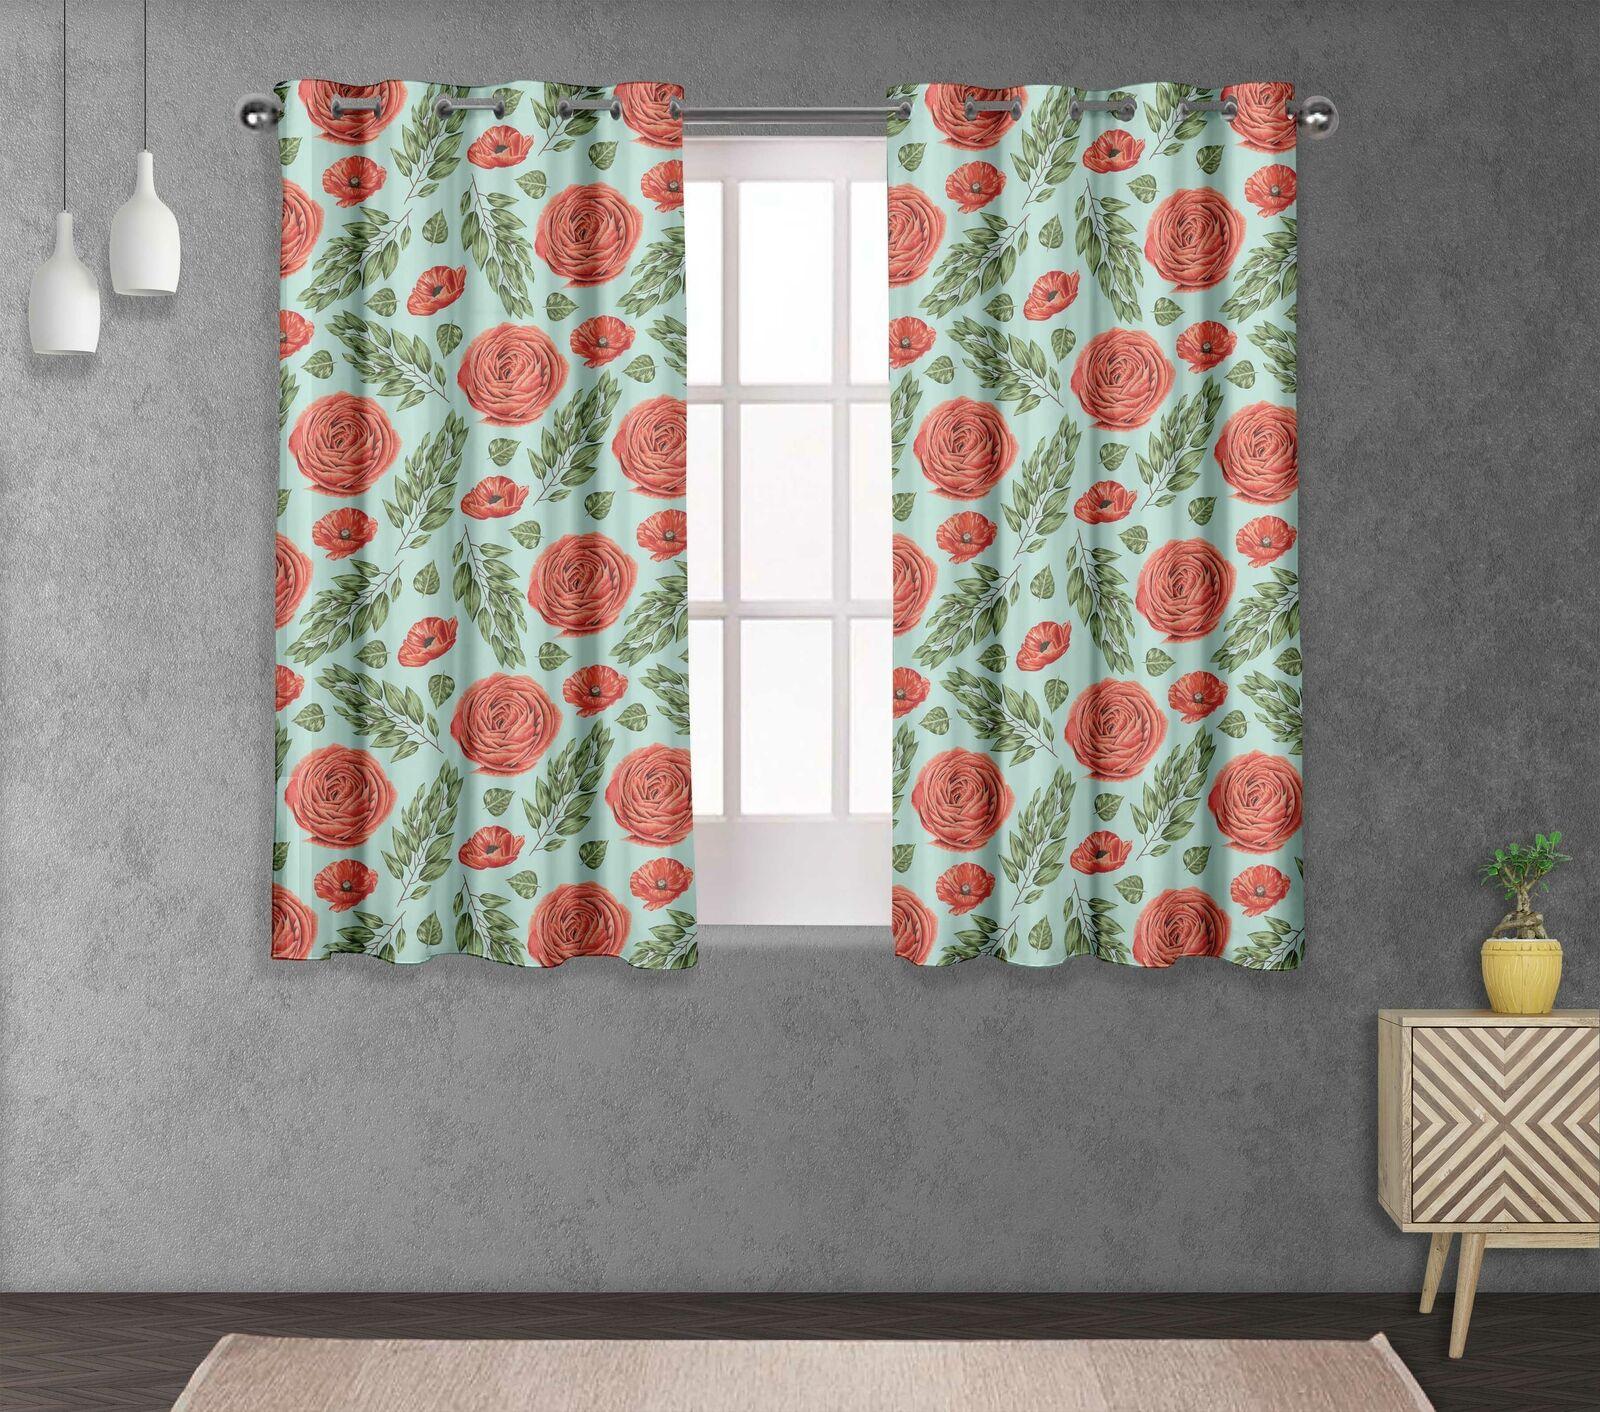 S 4 Sassy hojas de laurel & Camelias Decoración del hogar Panel de cortina corta y larga-FL-863E